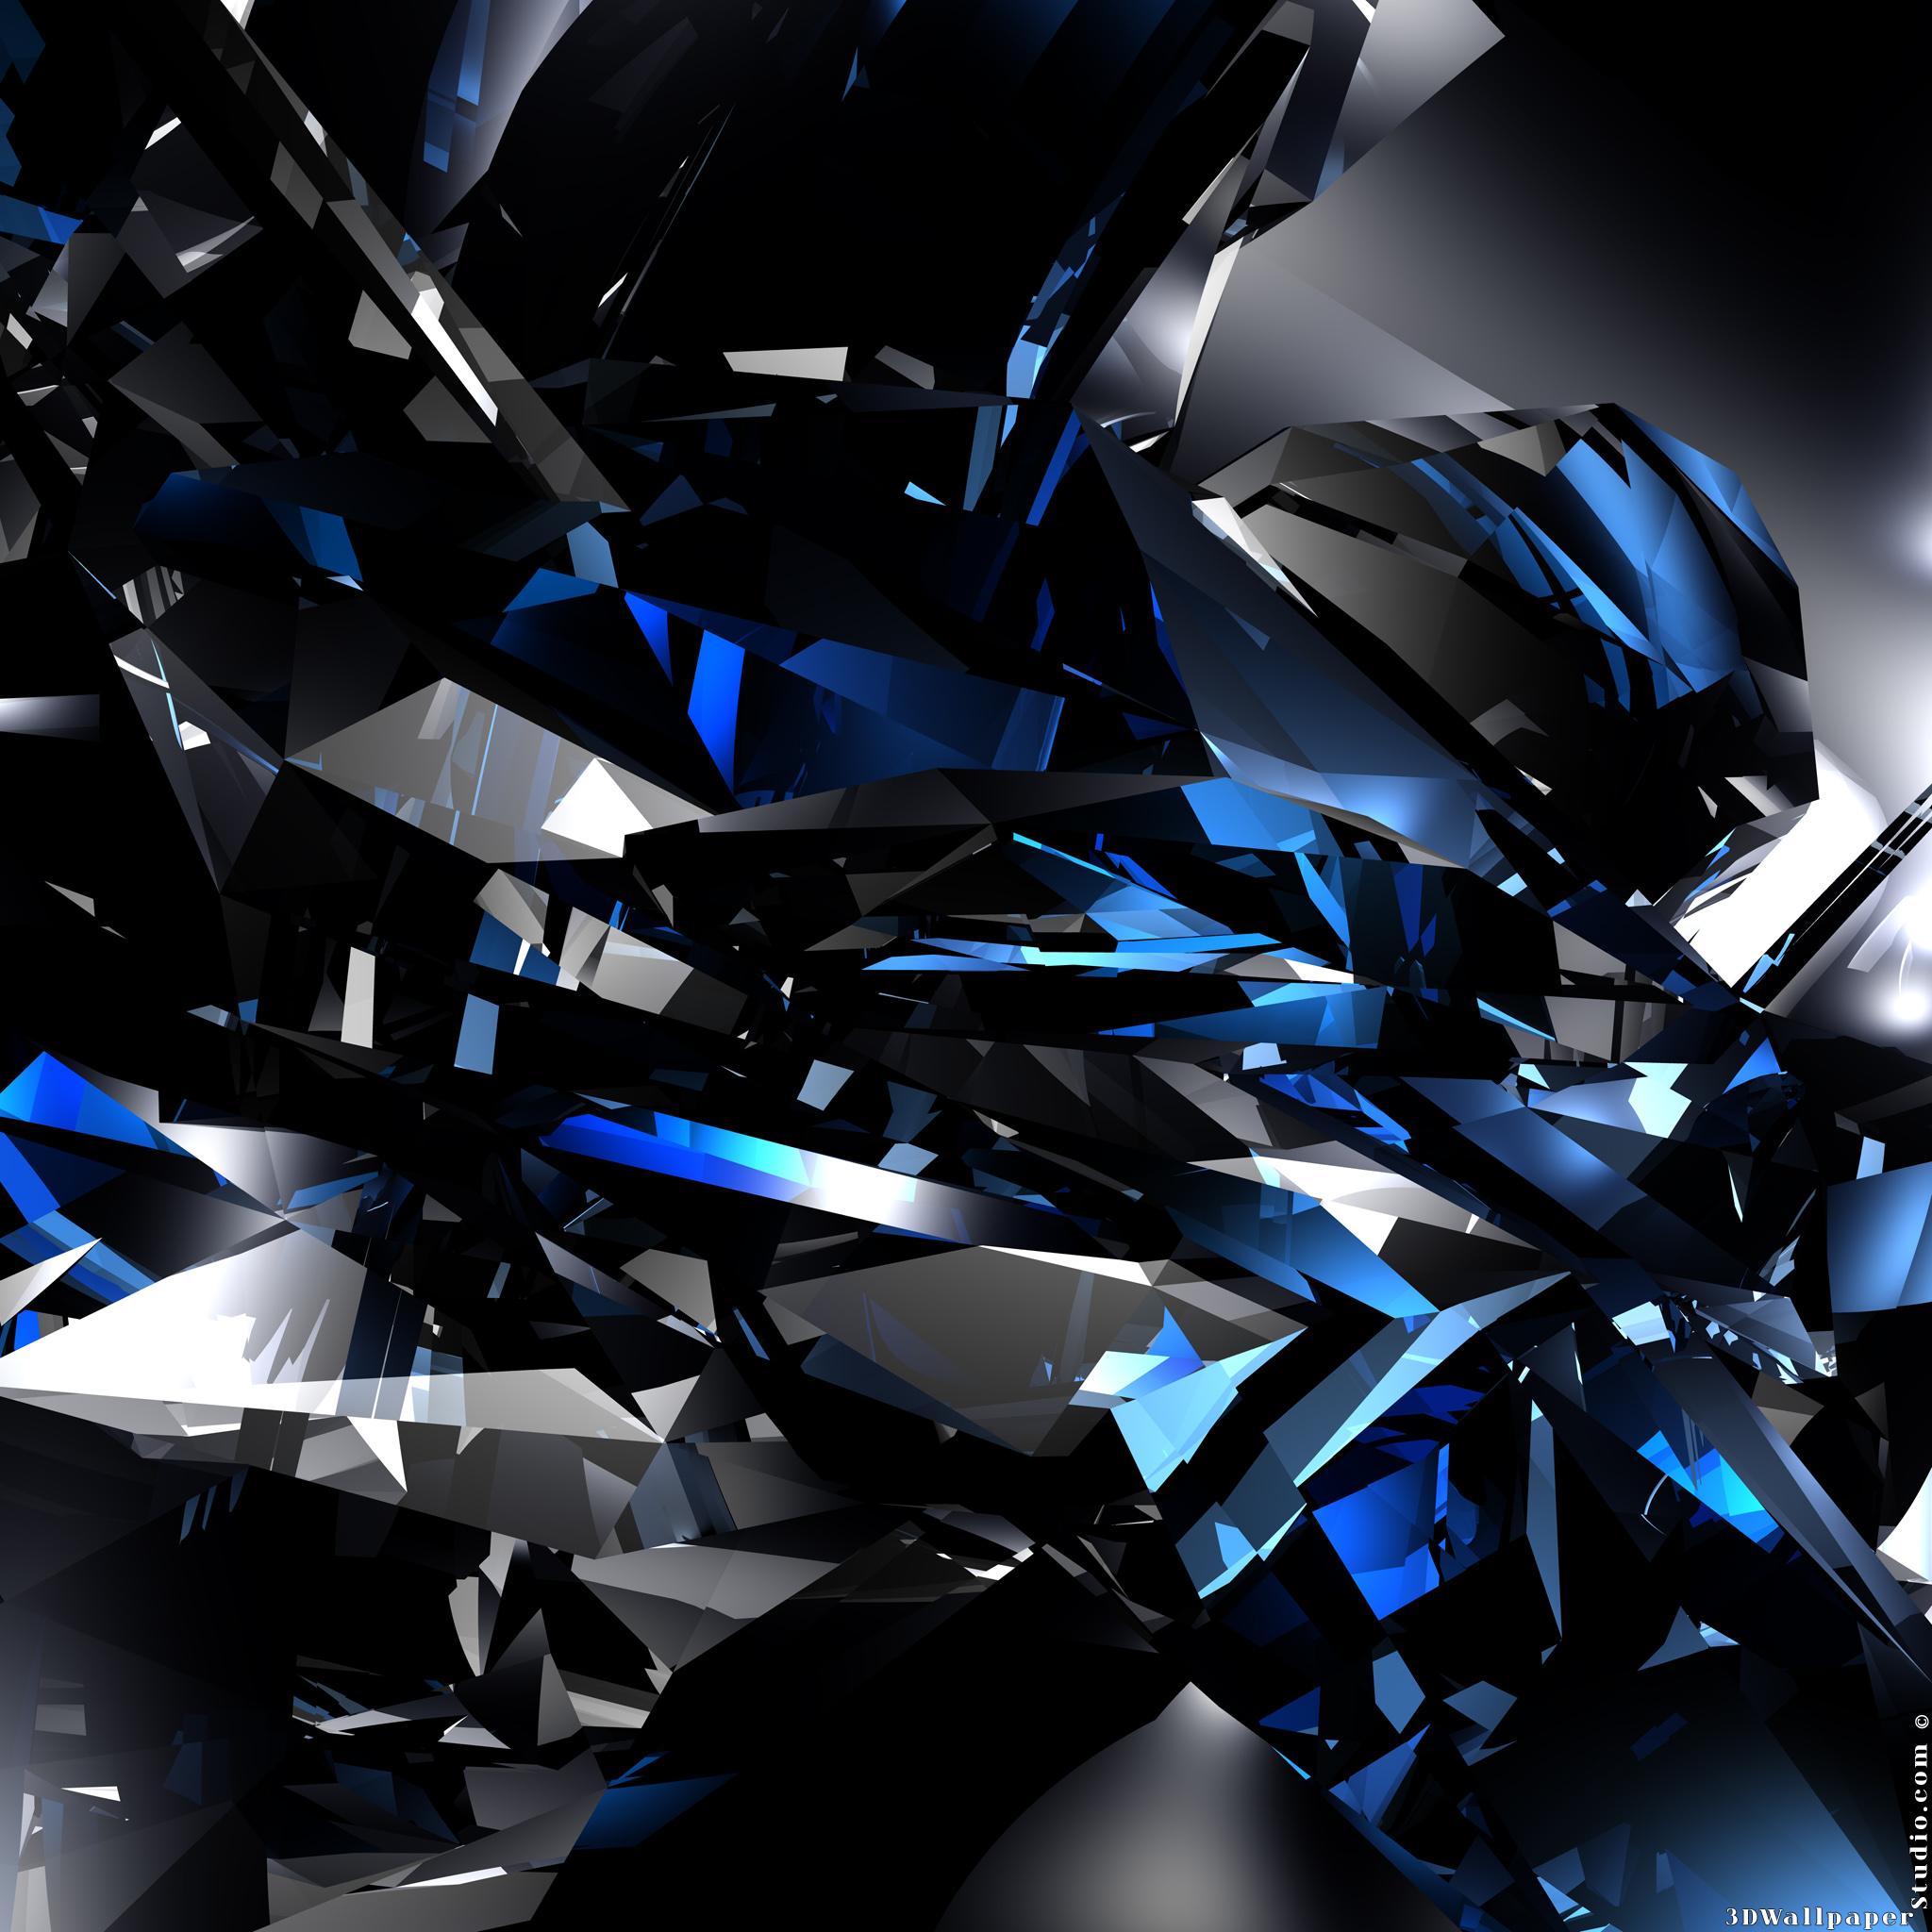 3D Wallpaper 3D blue crystals 2048 x 2048 2048x2048